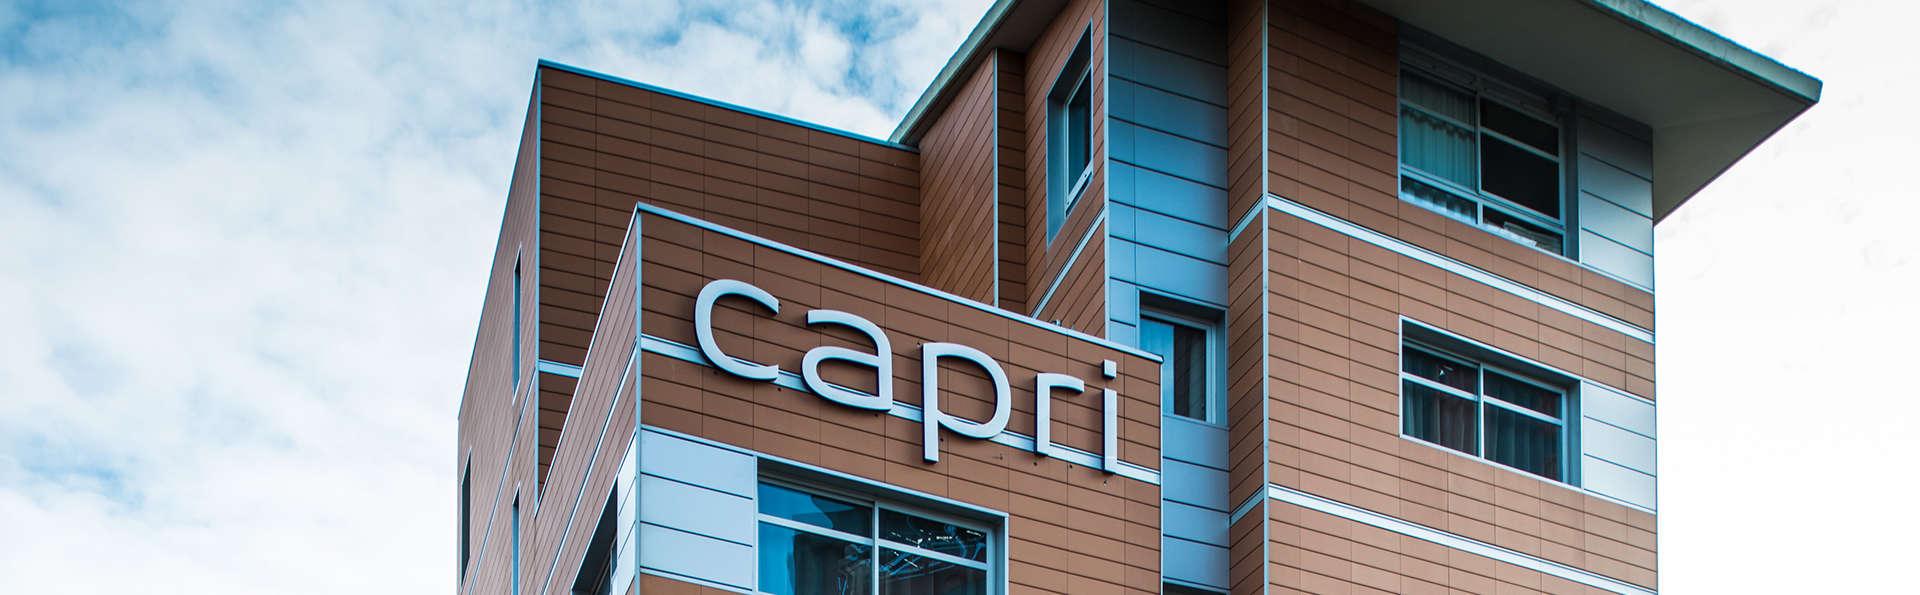 Capri by Fraser Barcelona (inactive) - Edit_Front_.jpg